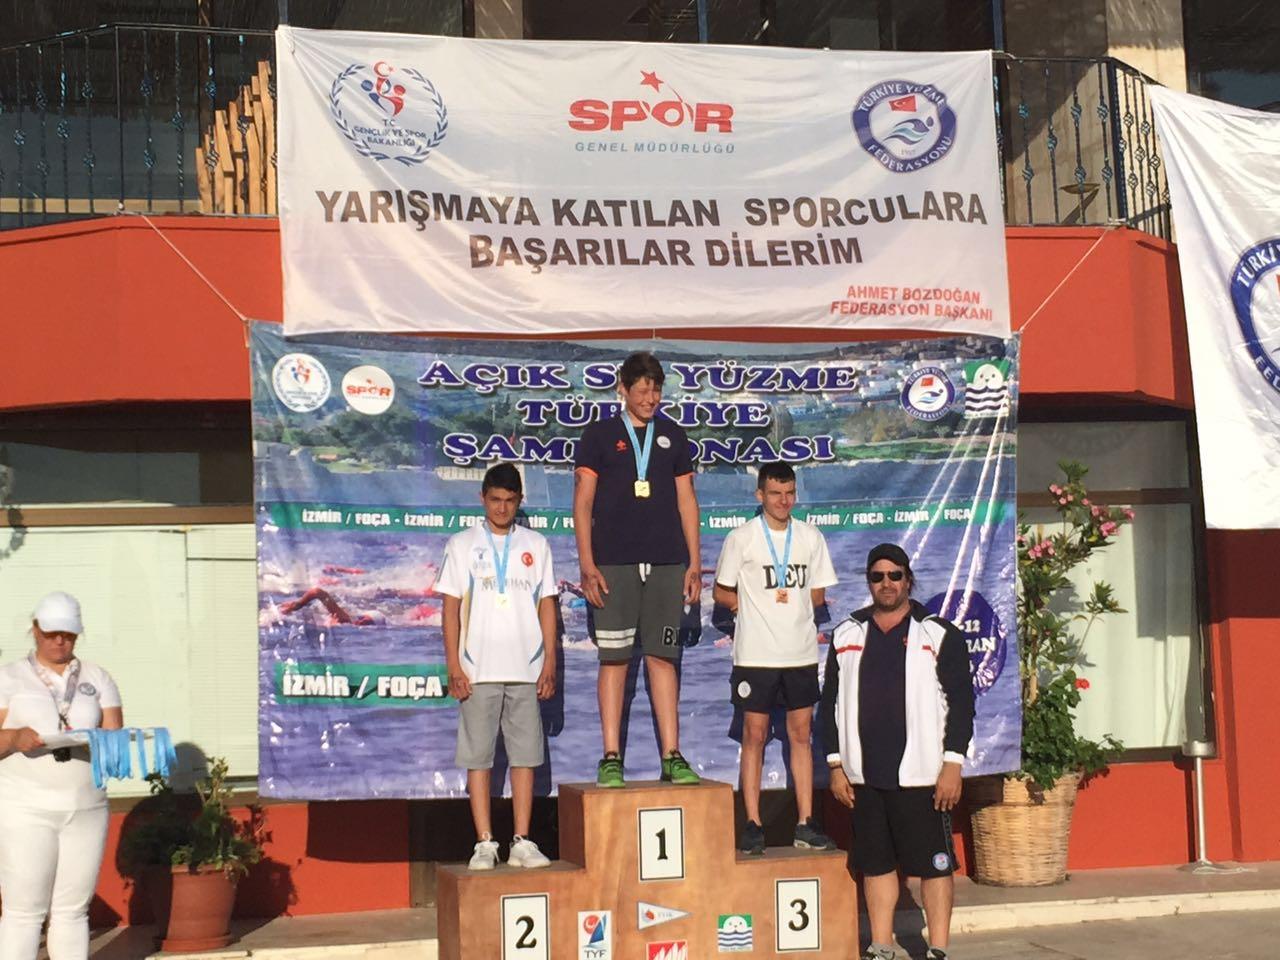 Açık Su Yüzme Türkiye Şampiyonasında Berke Çınar Türkiye Üçüncüsü Oldu